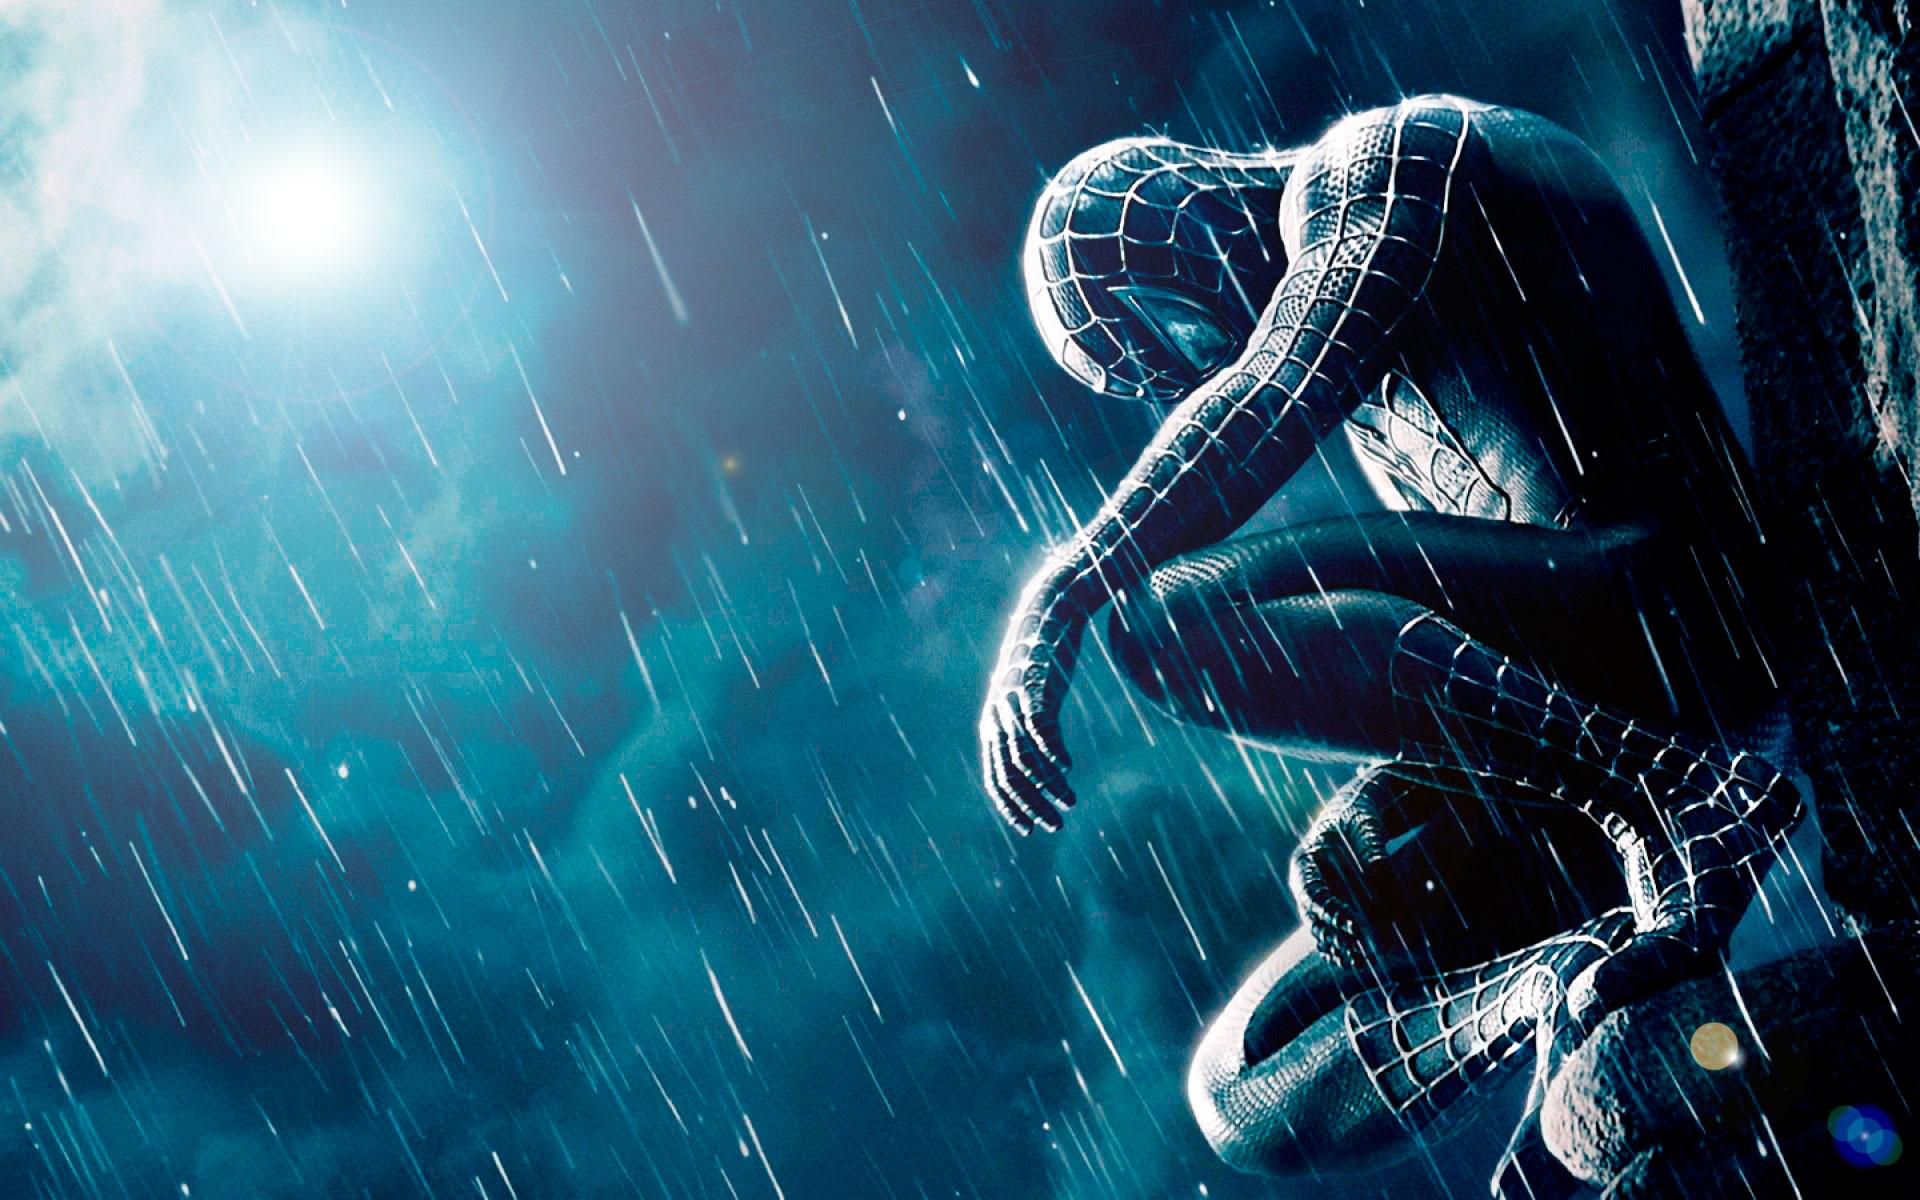 Im genes de spiderman fotos del hombre ara a y fondos de for Fondo de pantalla joker hd